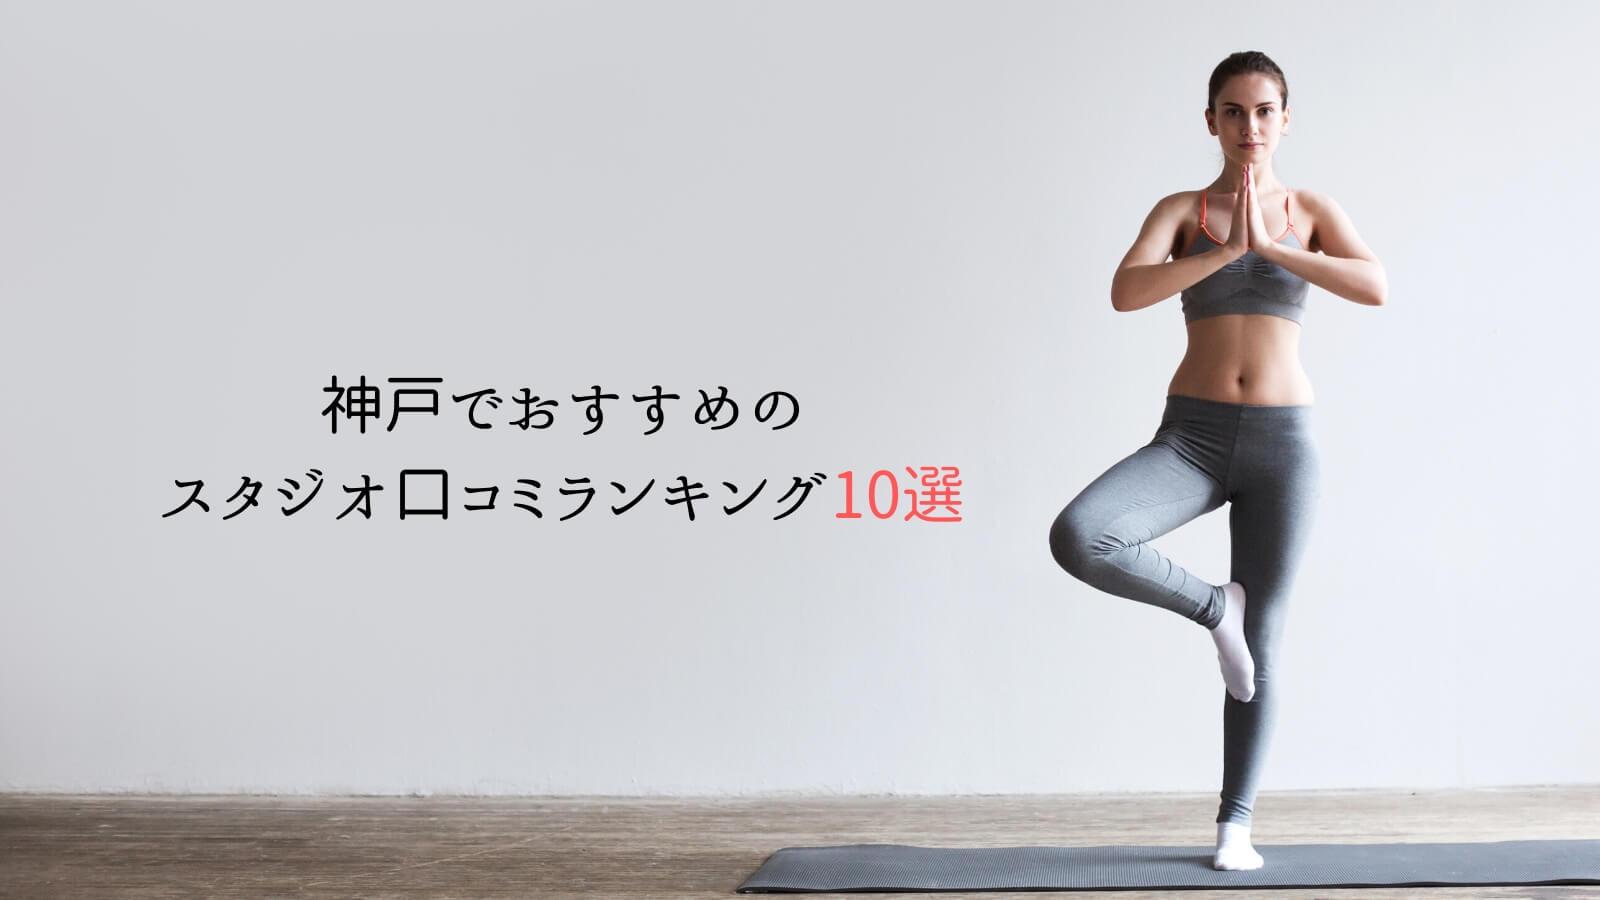 神戸でおすすめのホットヨガスタジオ口コミランキング10選